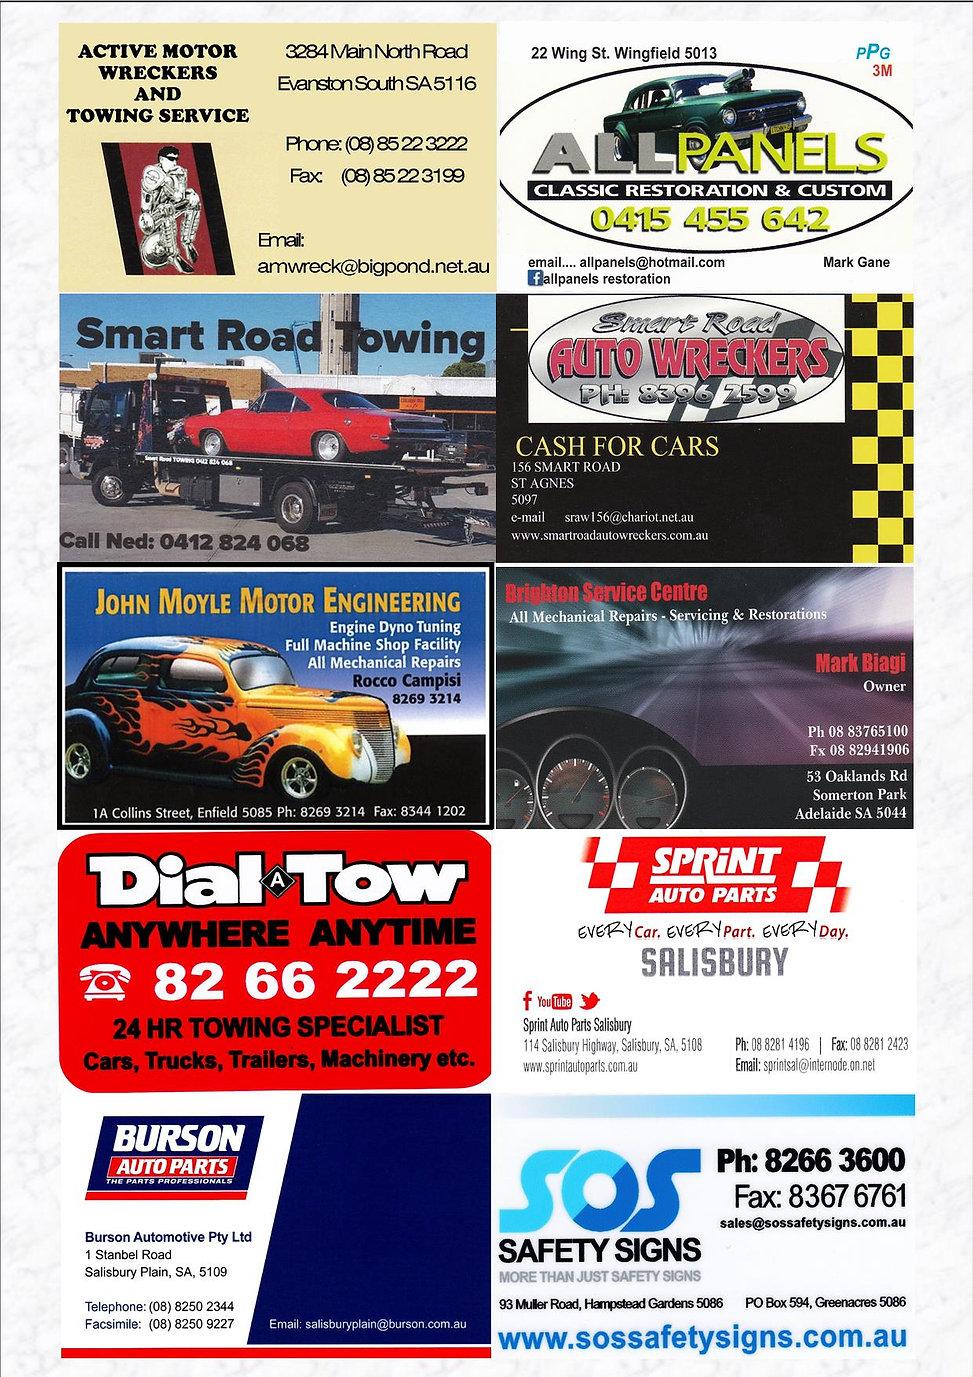 Page 2 Sponsors.jpg